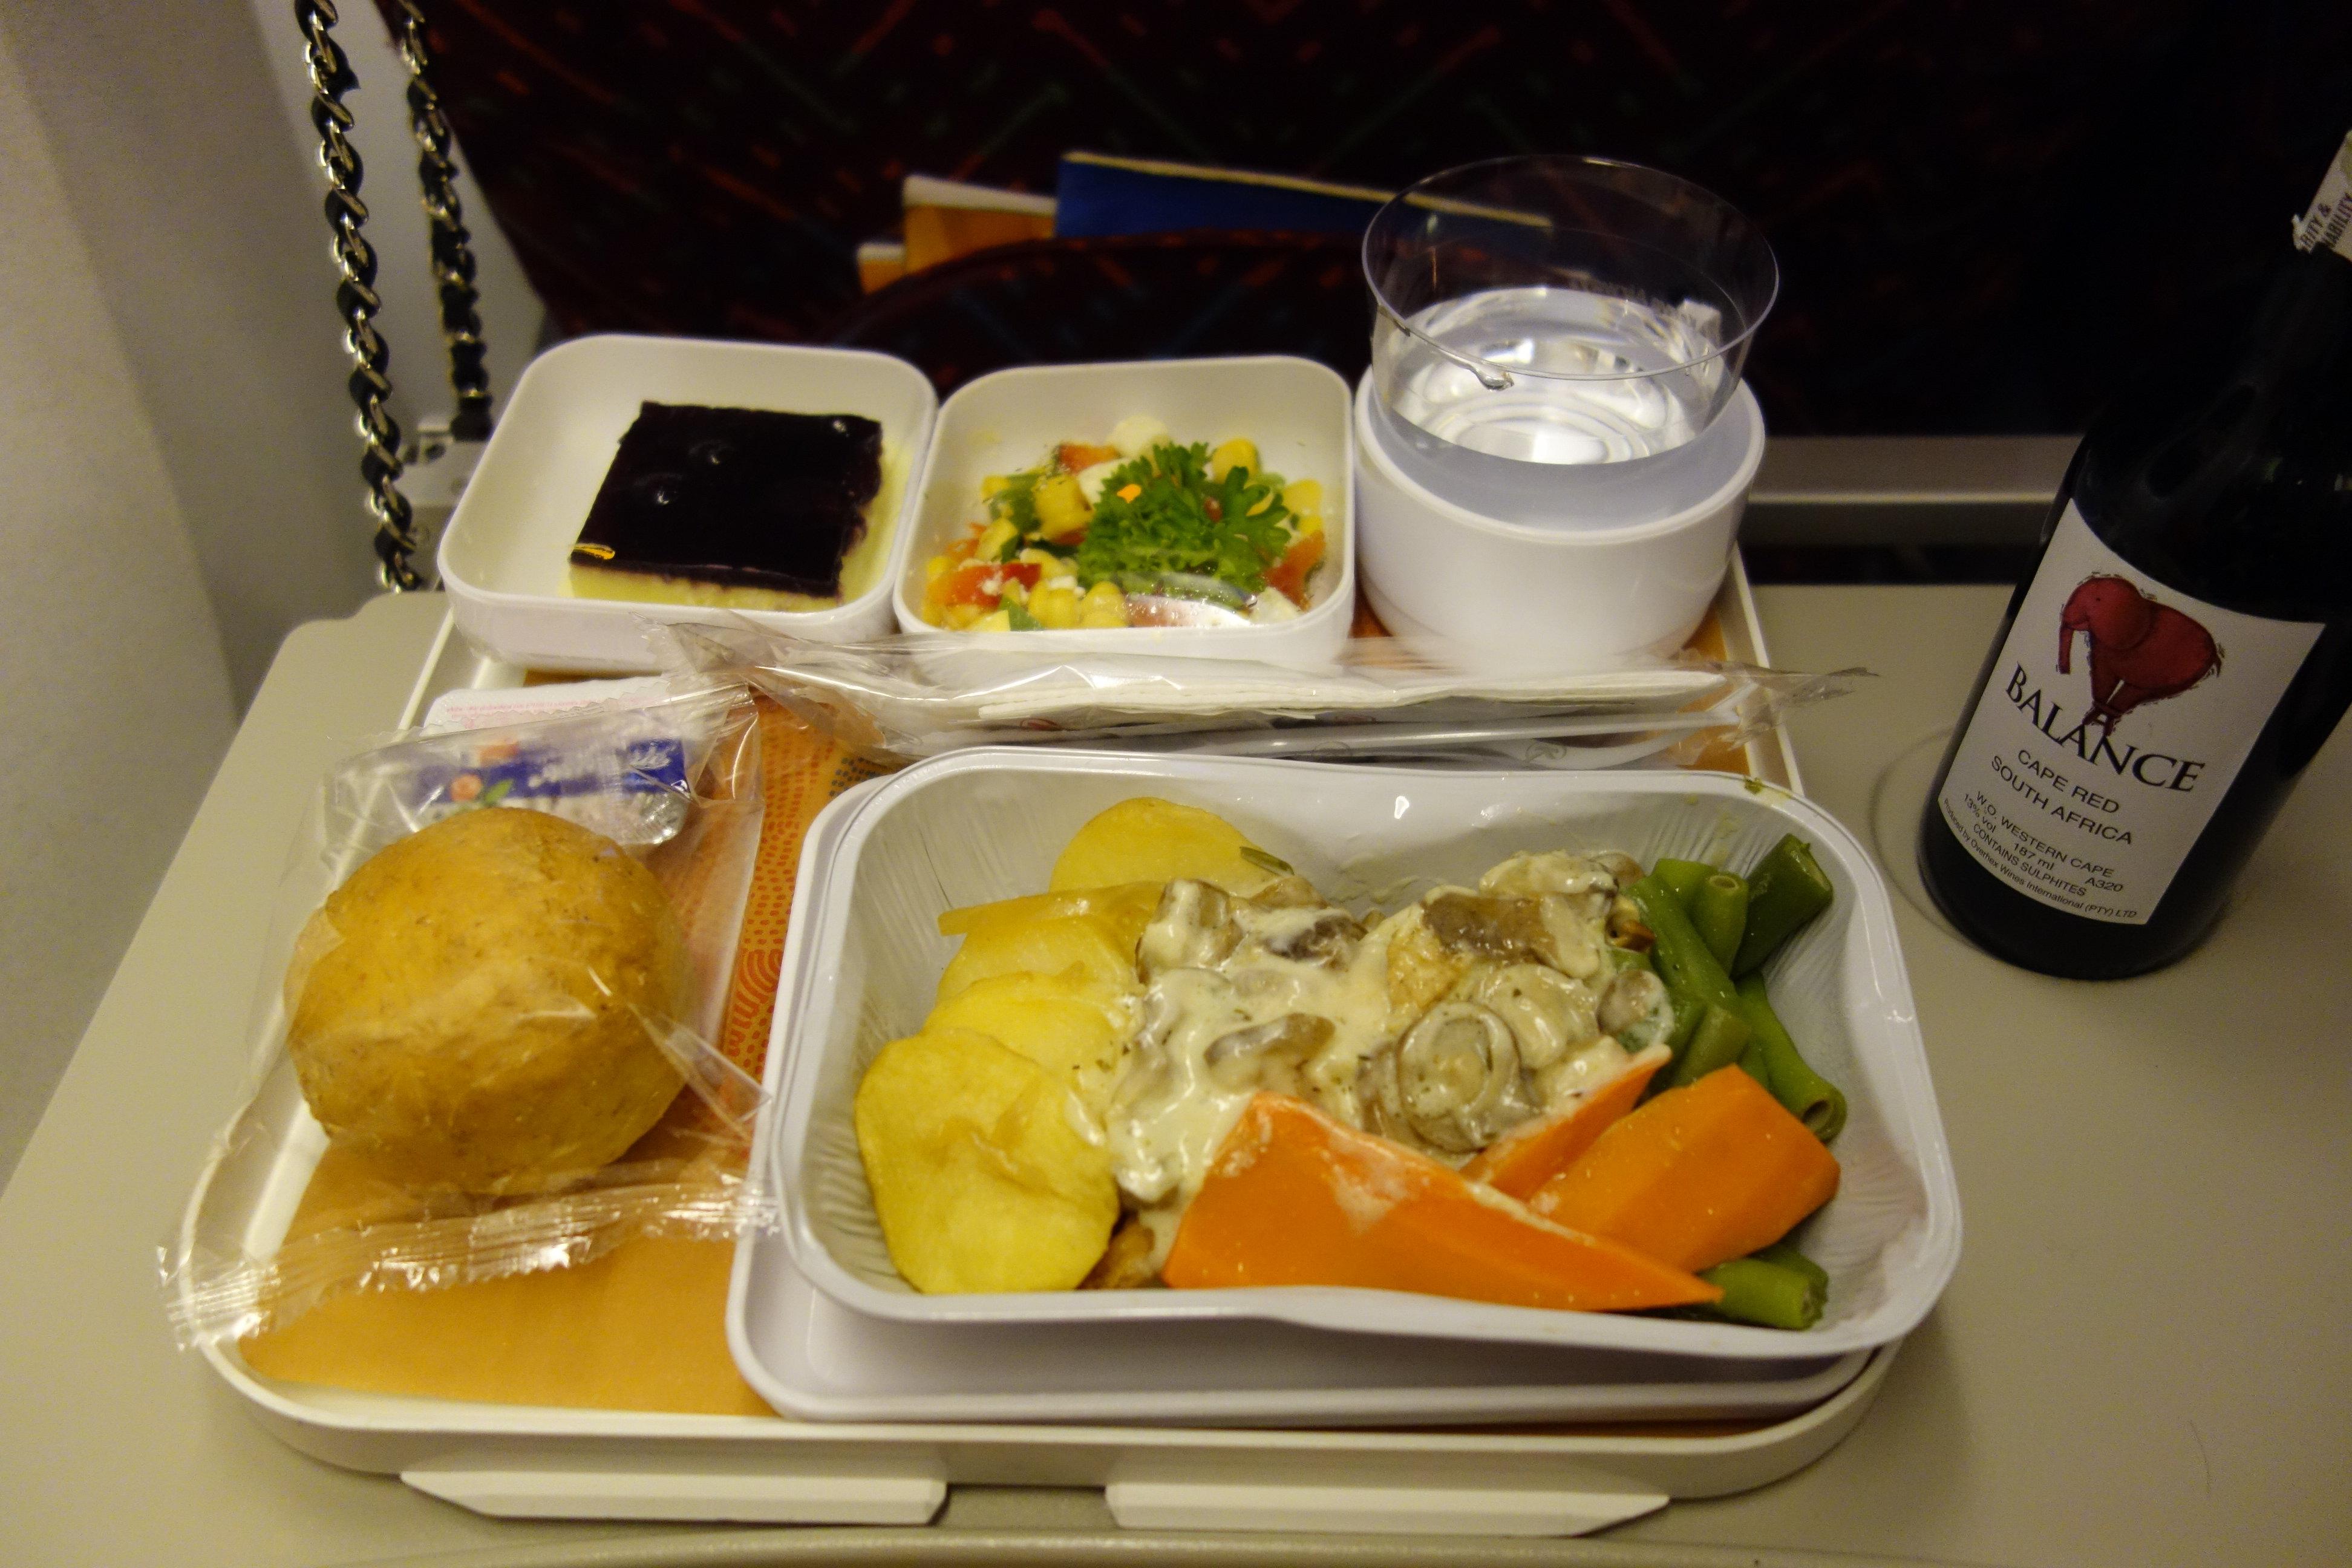 来来来 讨论一下各个航空公司的飞机餐吧